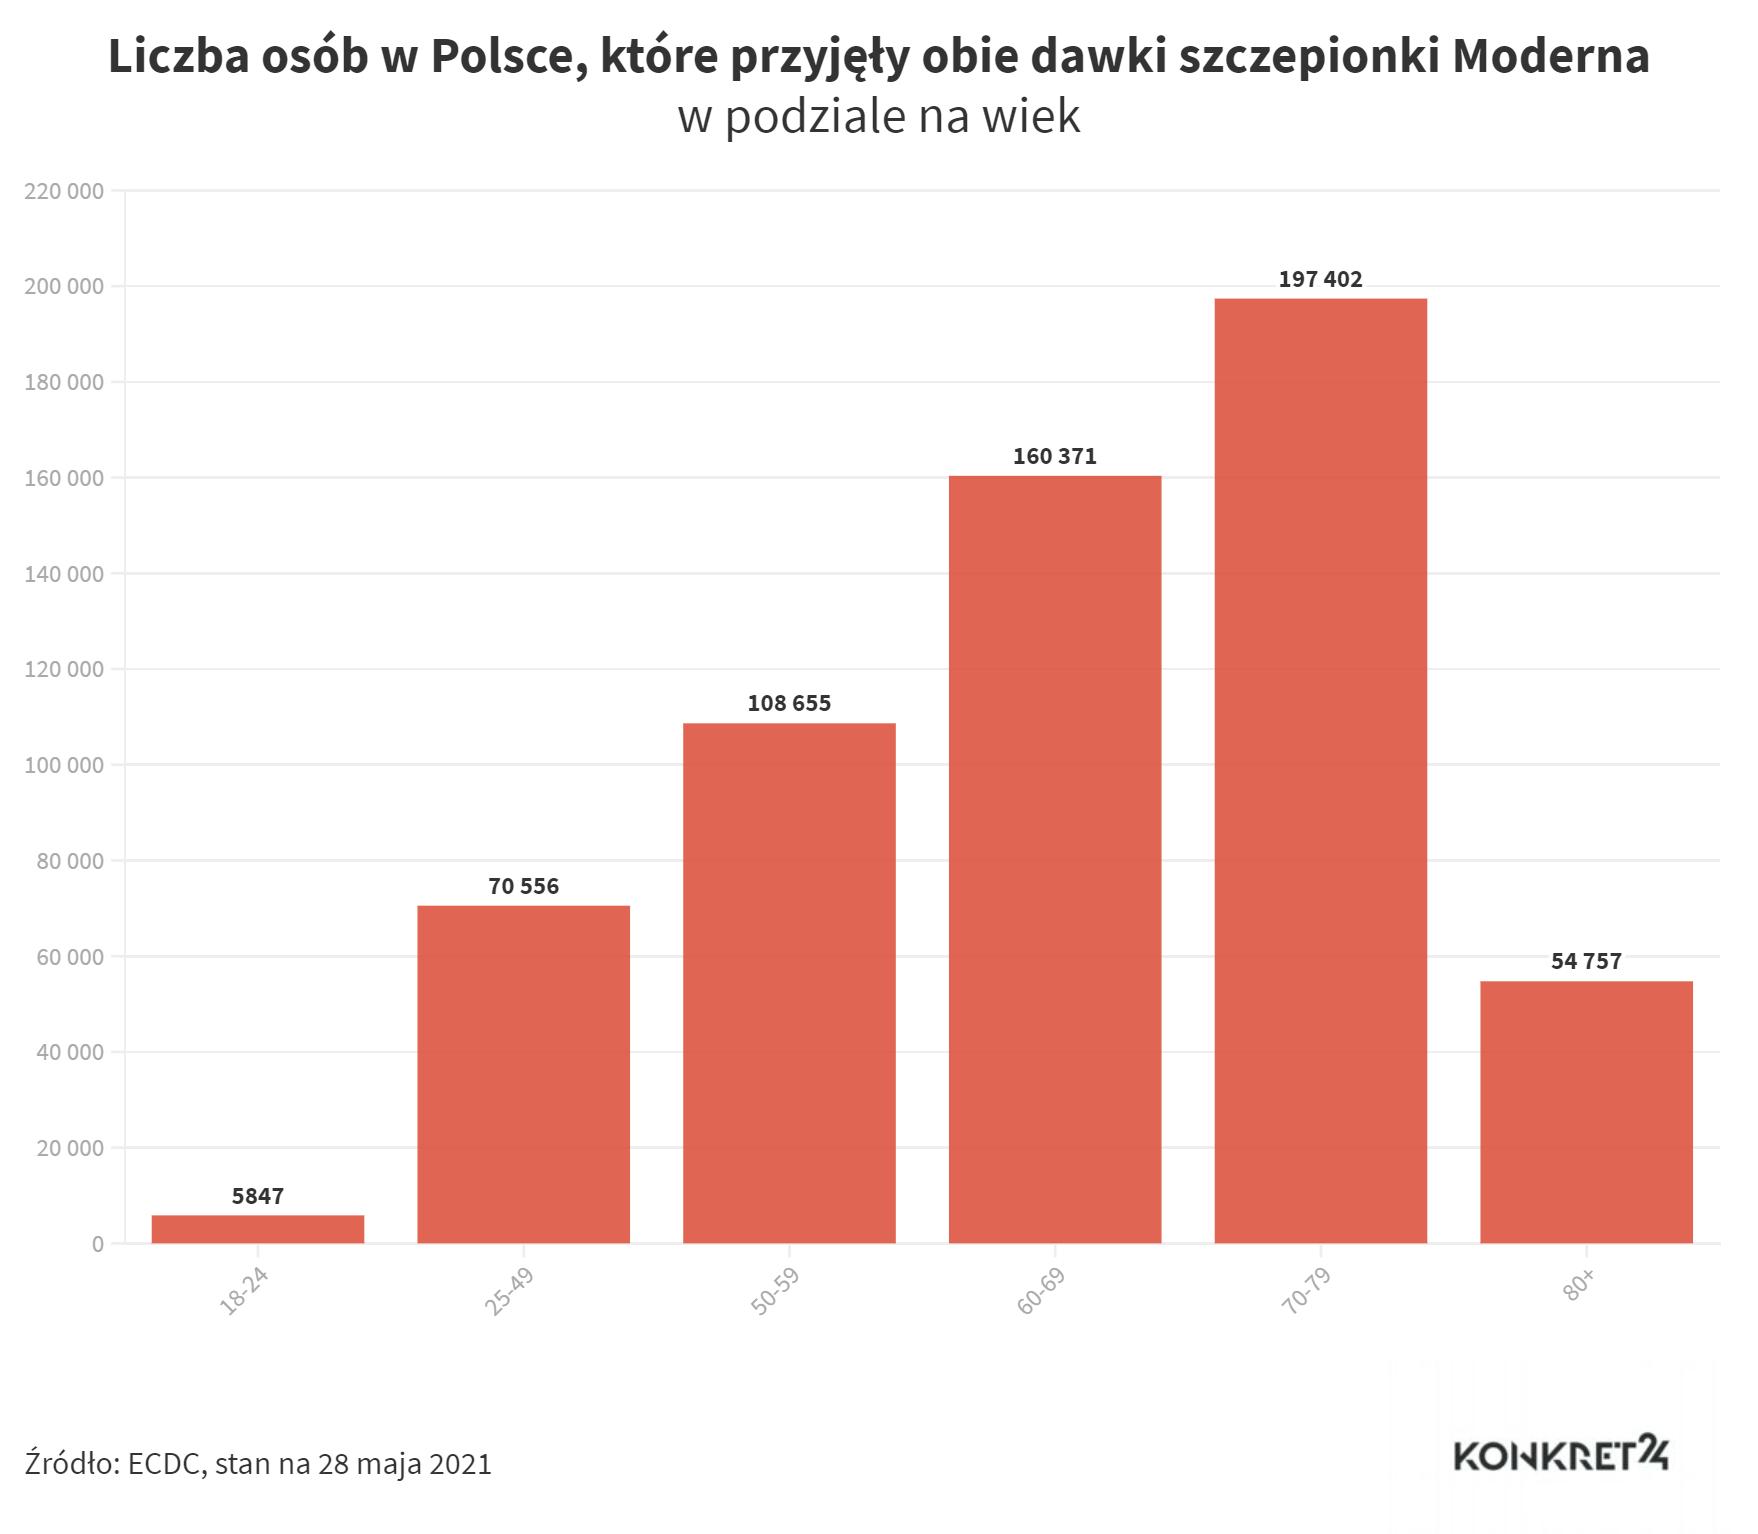 Liczba osób w Polsce, które przyjęły obie dawki szczepionki Moderna (stan na 28 maja 2021)